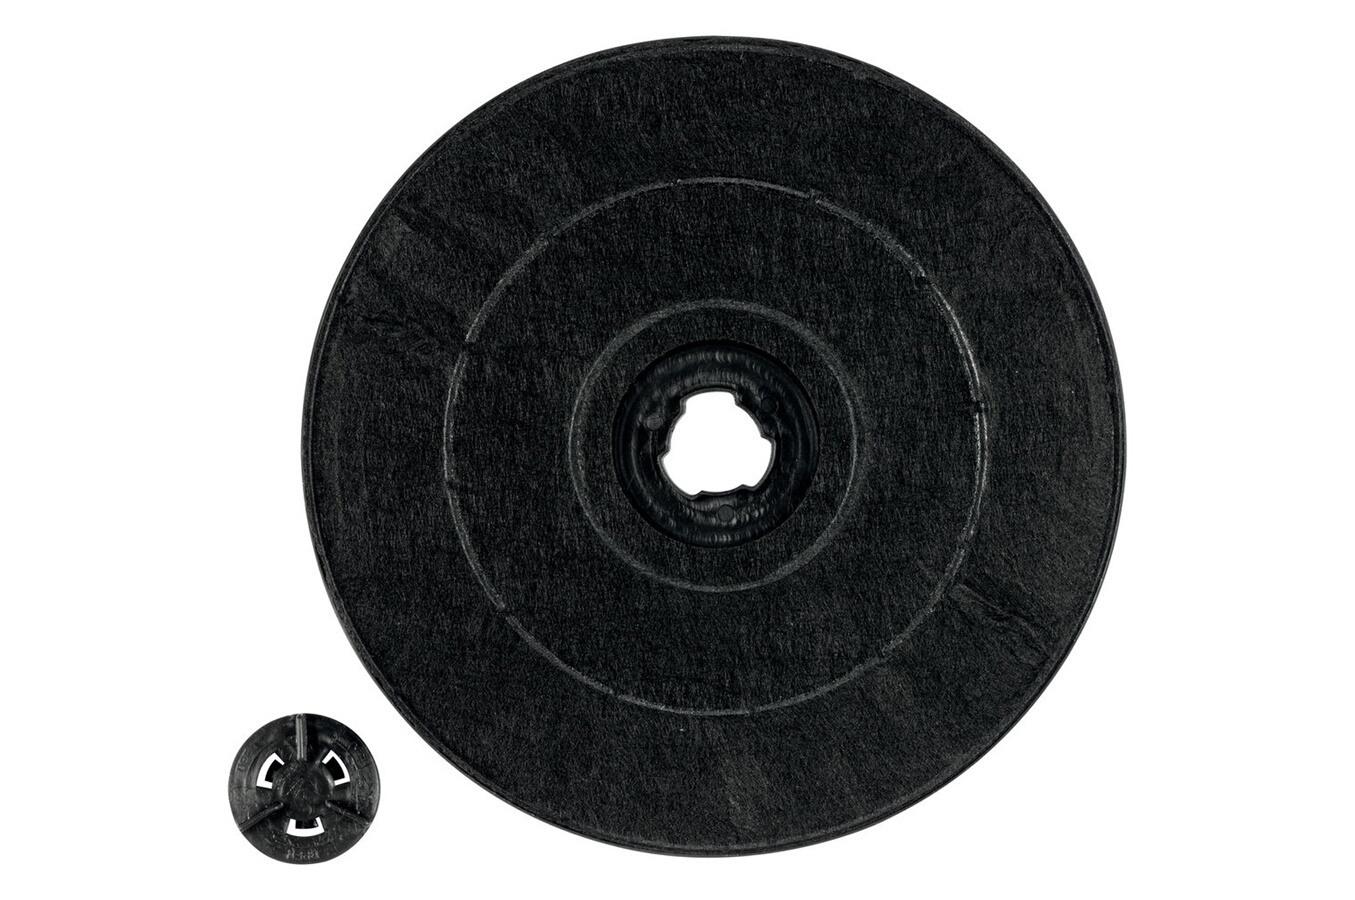 filtre de hotte anti odeurs wpro filtre chfe233 2 4202244 darty. Black Bedroom Furniture Sets. Home Design Ideas